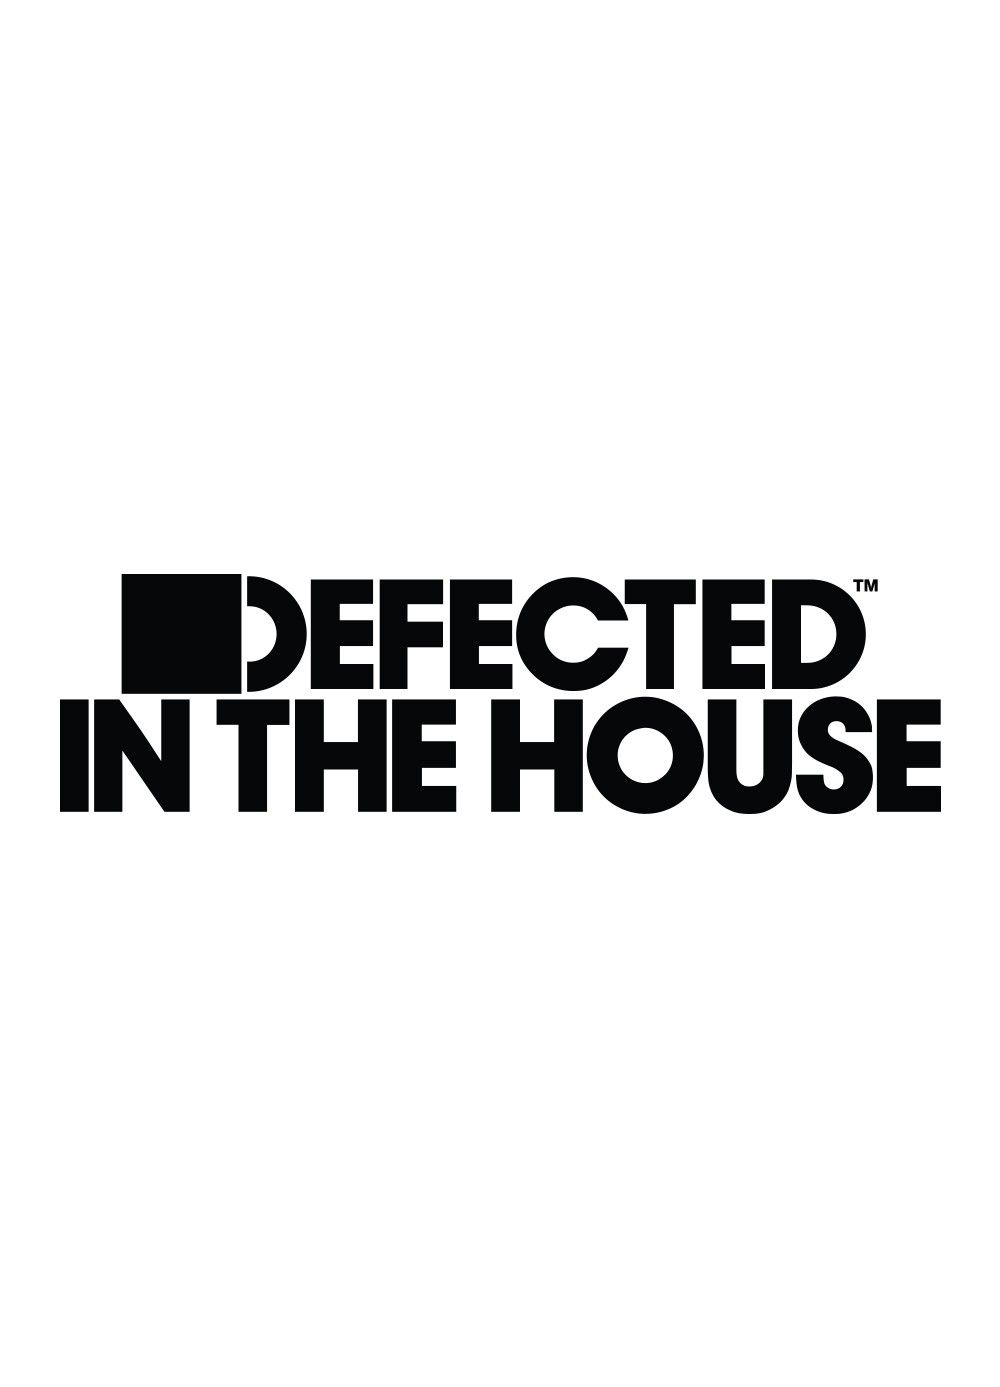 booom-defected-house-general.jpg